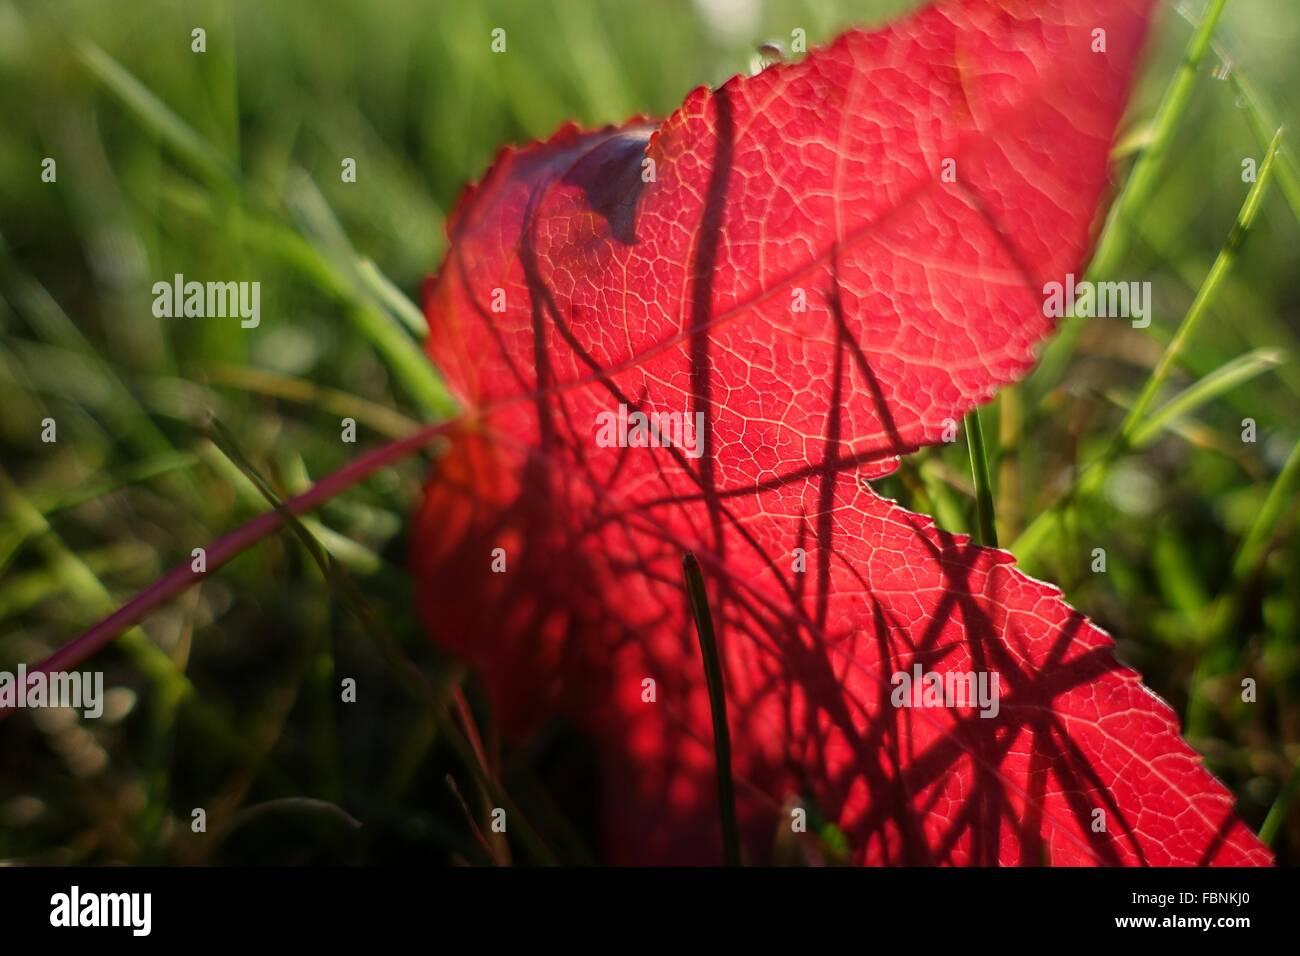 Primer plano de hojas rojas en el prado Imagen De Stock